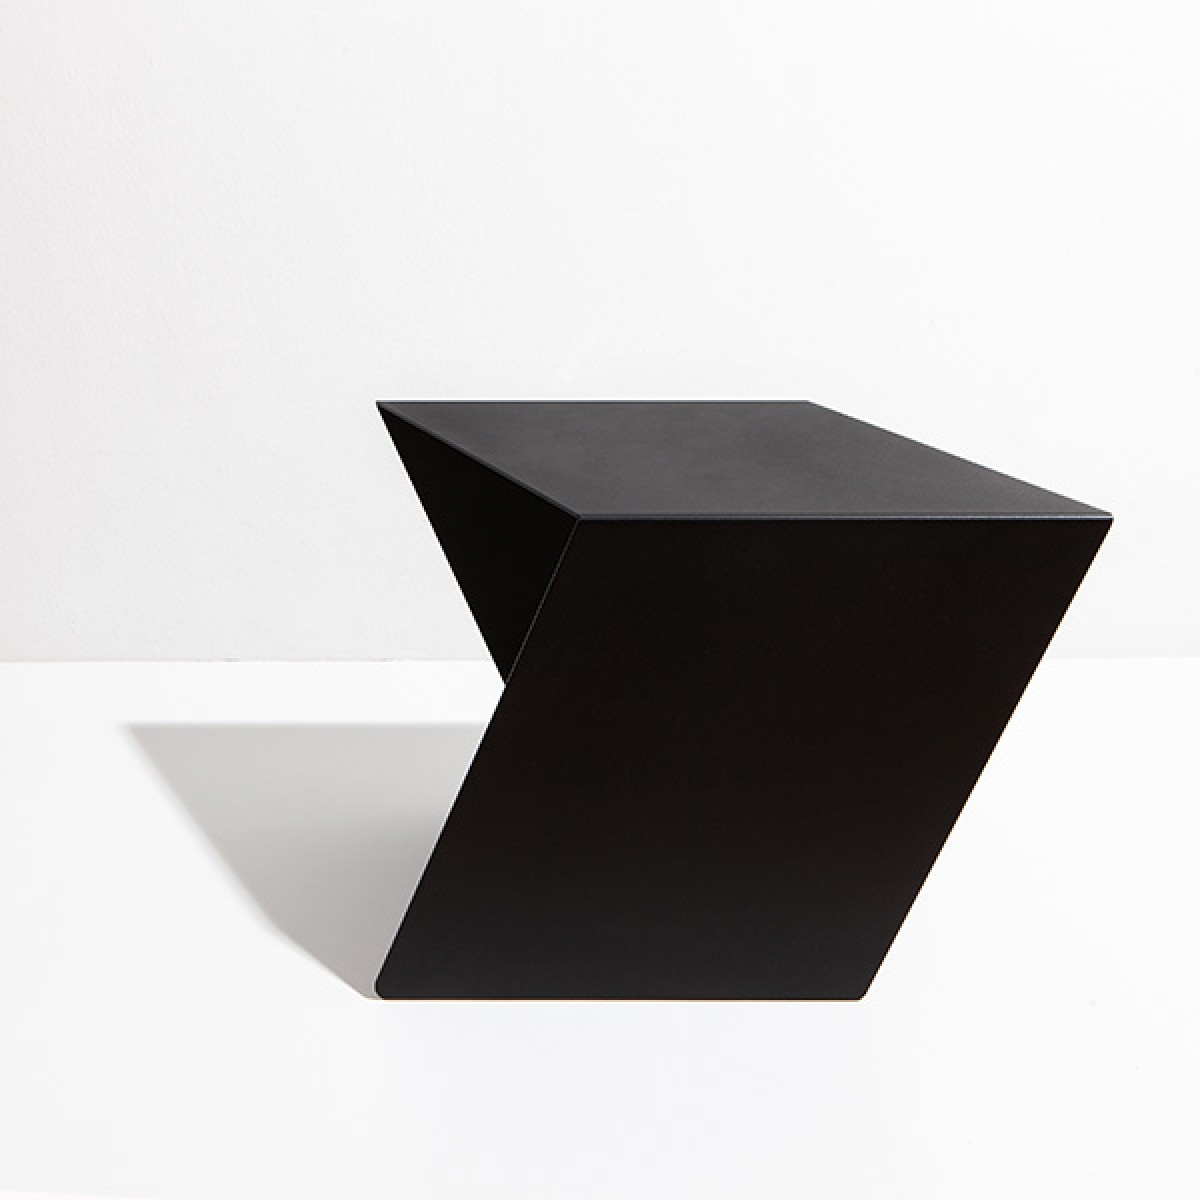 Tupi Table – StudioMakuko, Diogo Pinelli